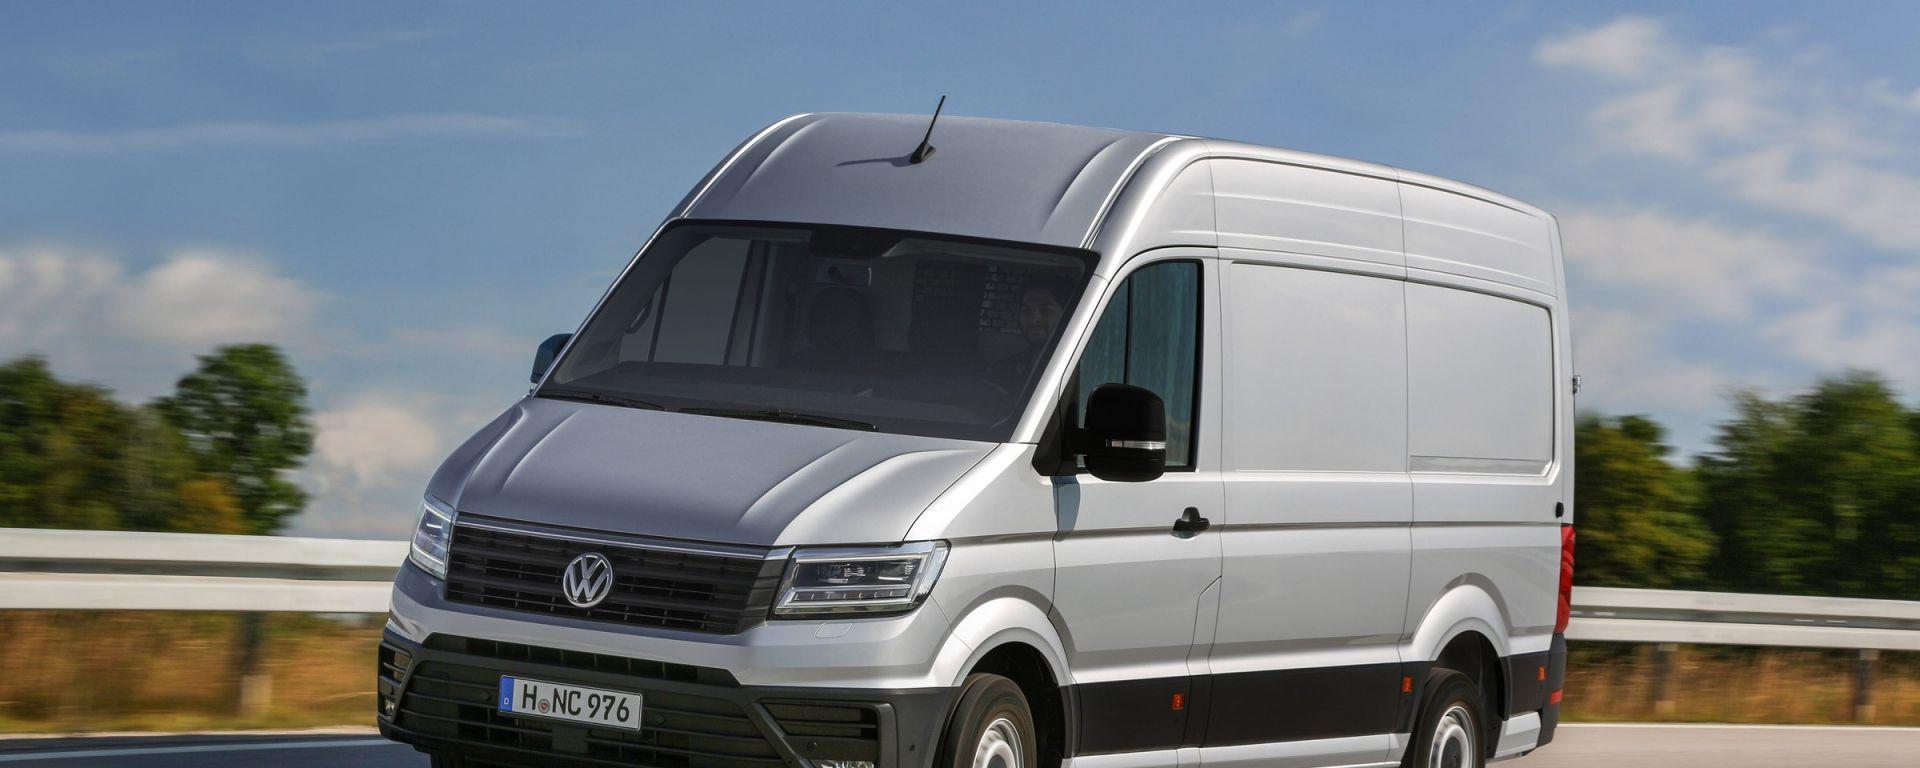 Volkswagen e FCA: voci di accordo sui veicoli commerciali